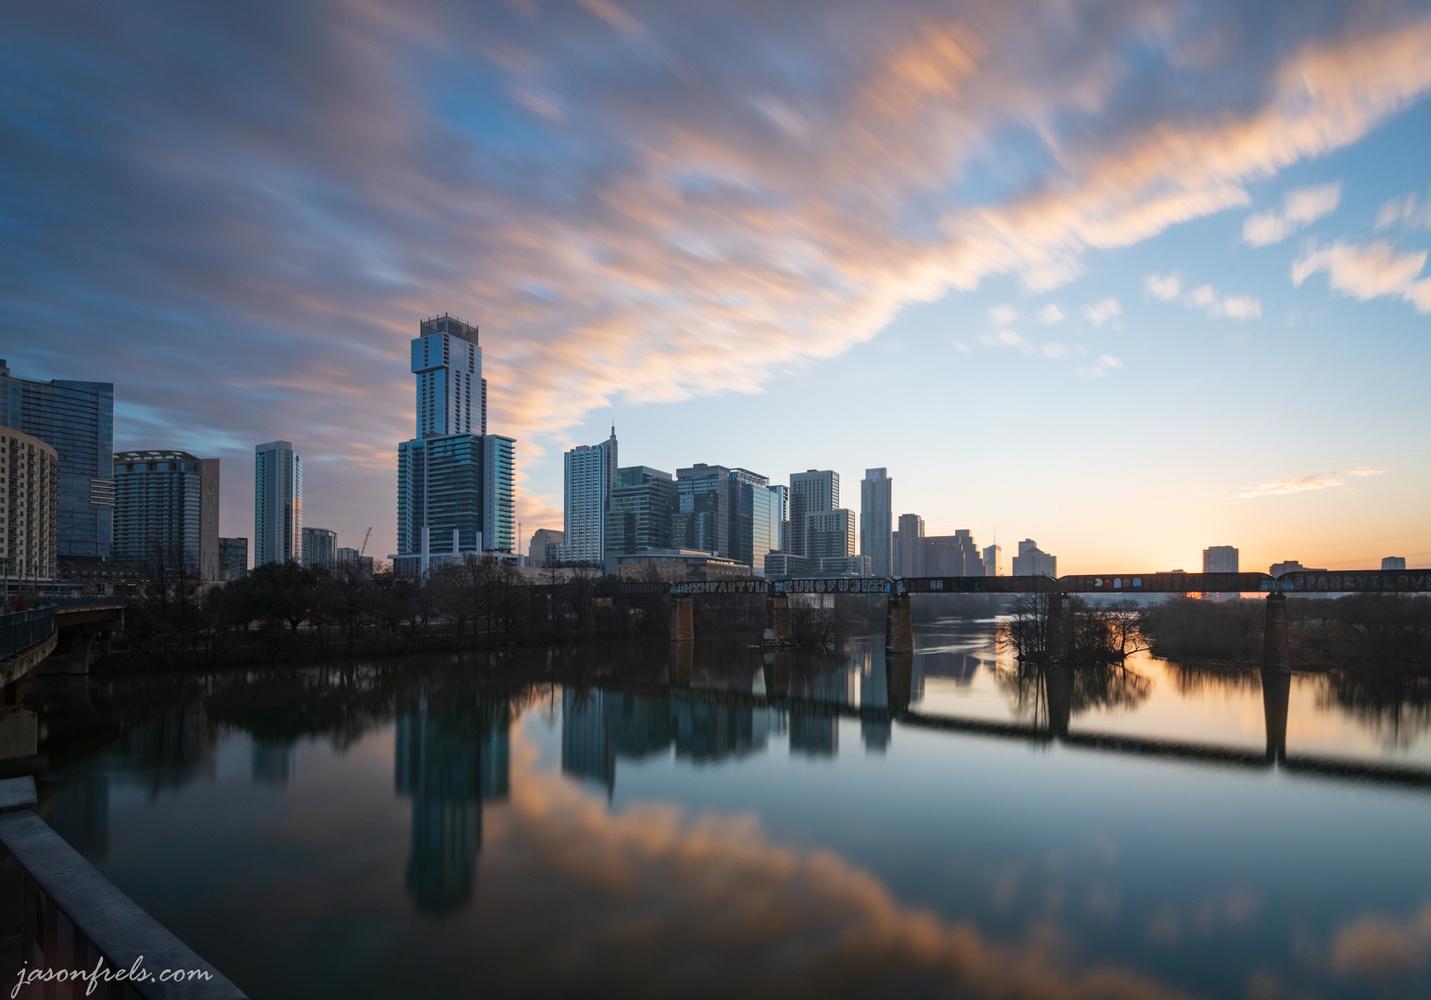 Austin at dawn by Jason Frels